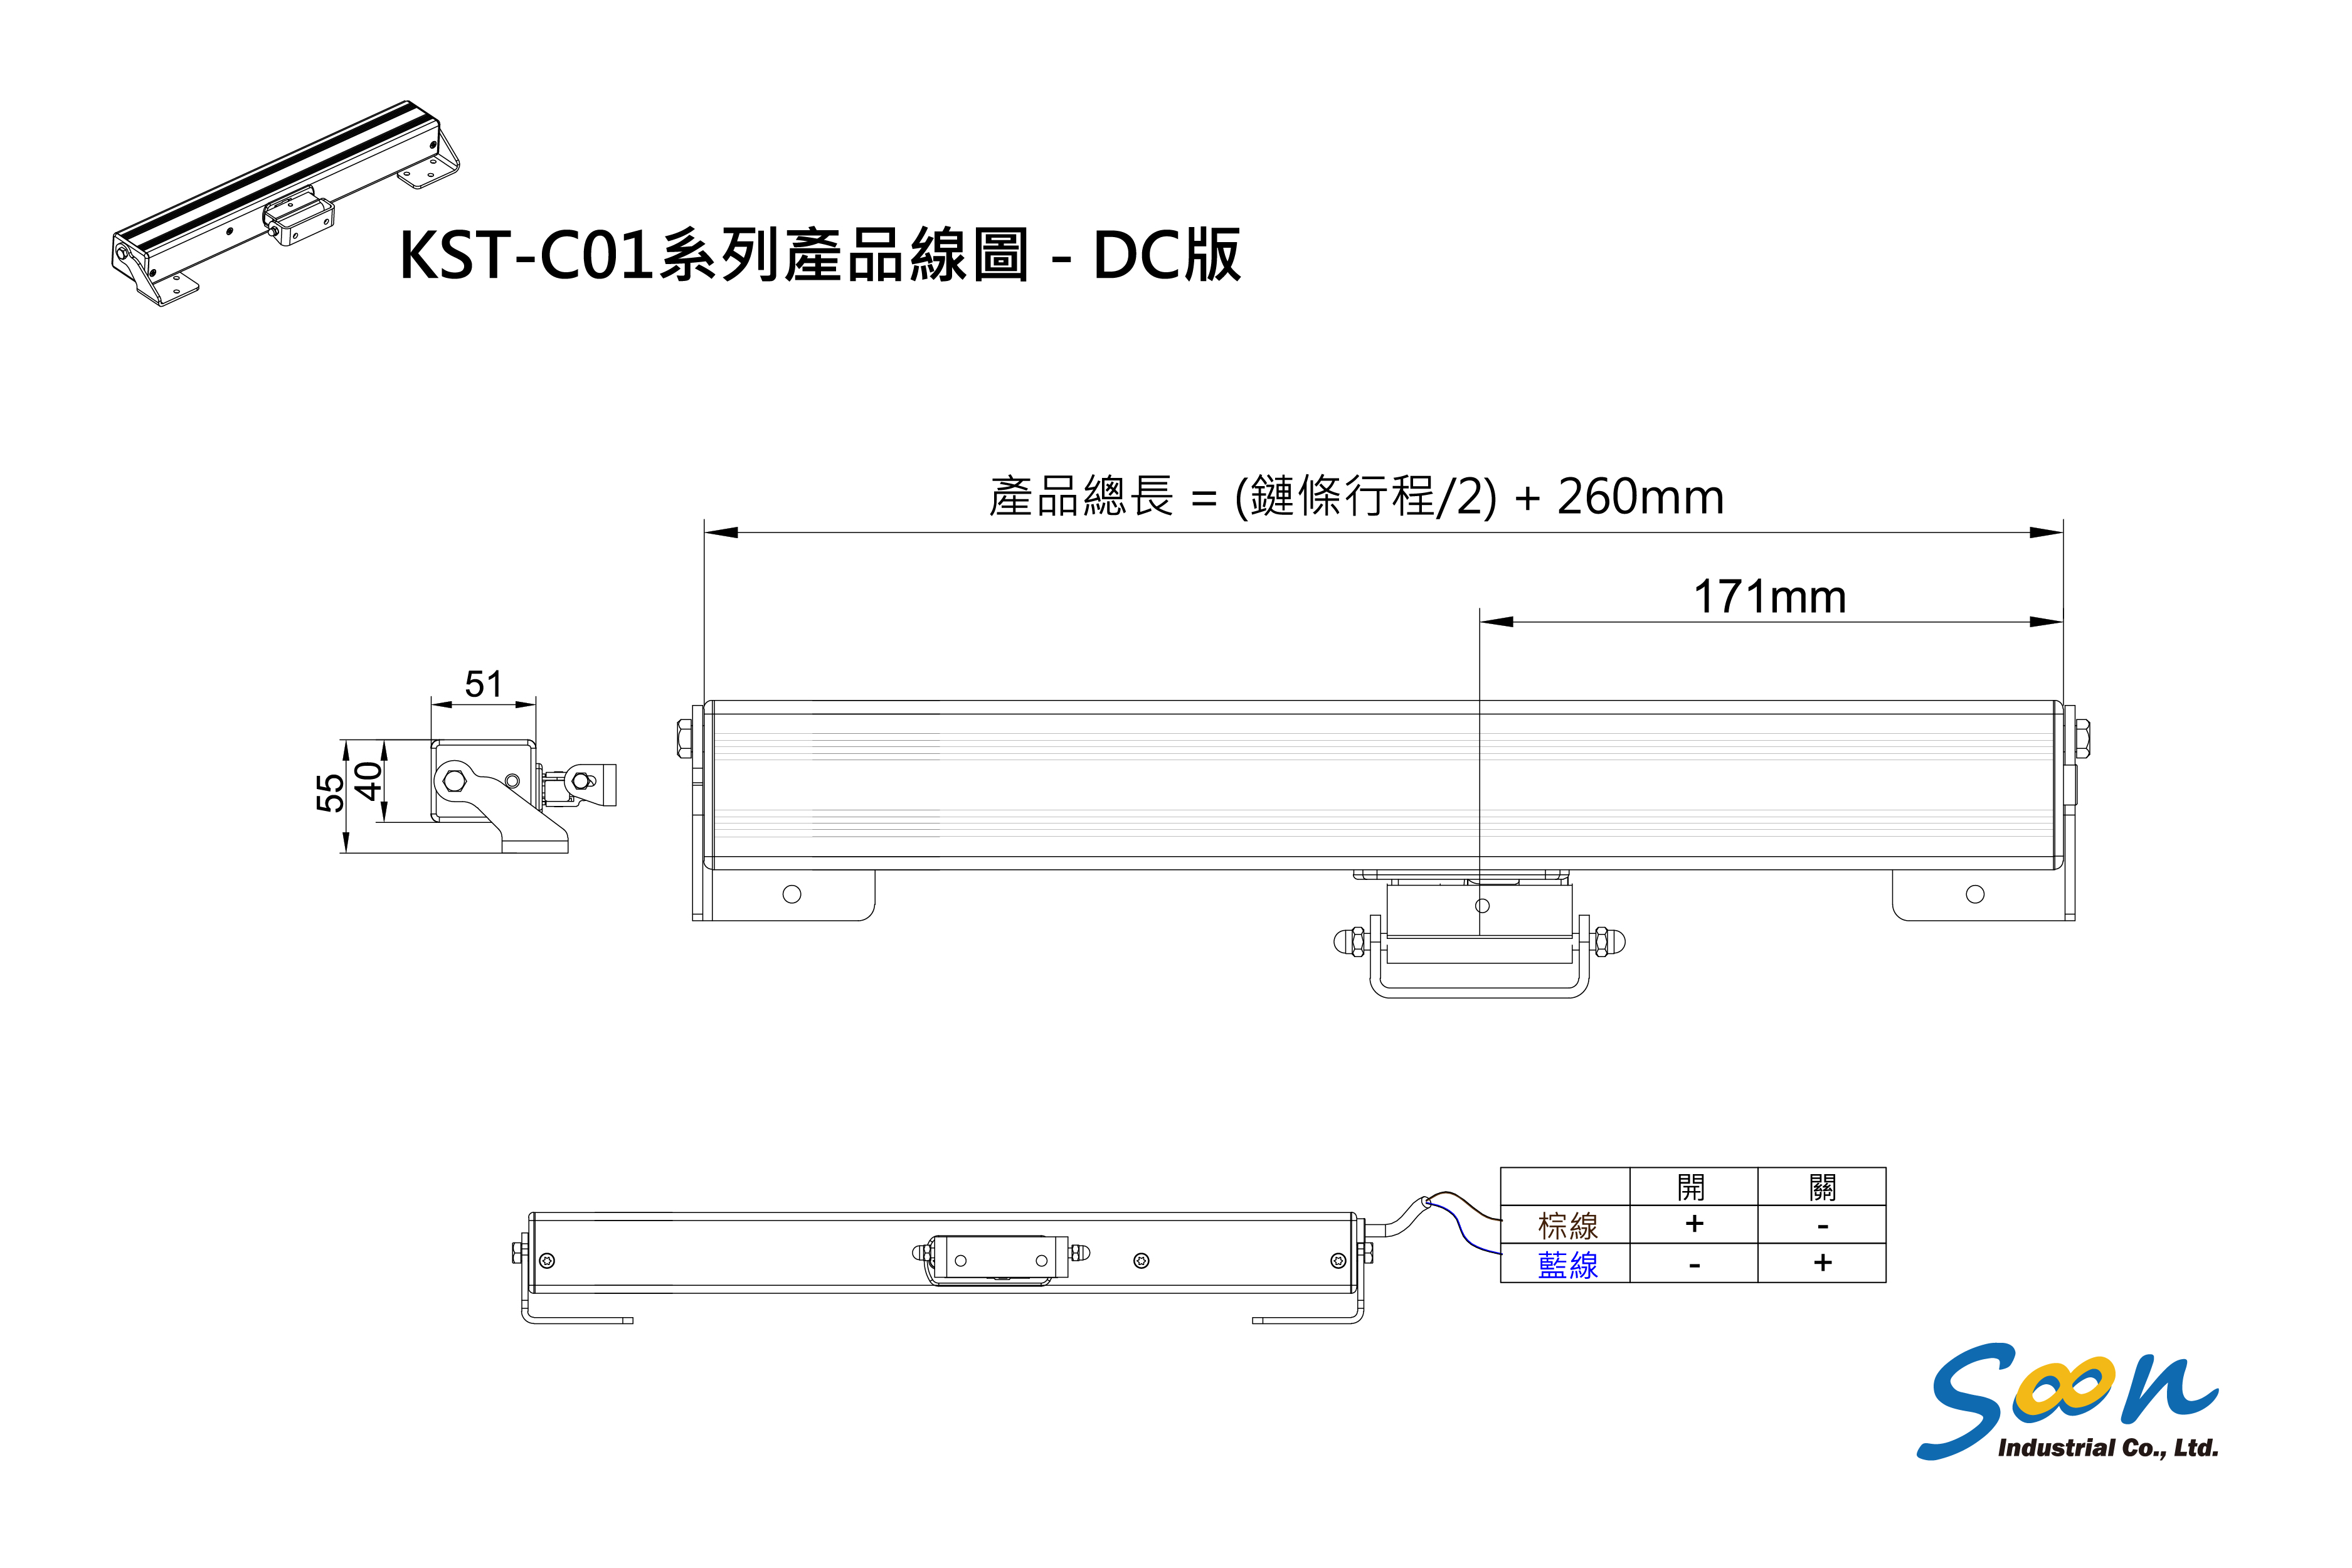 KST-C01鏈條式電動開窗器_DC版_產品尺寸圖